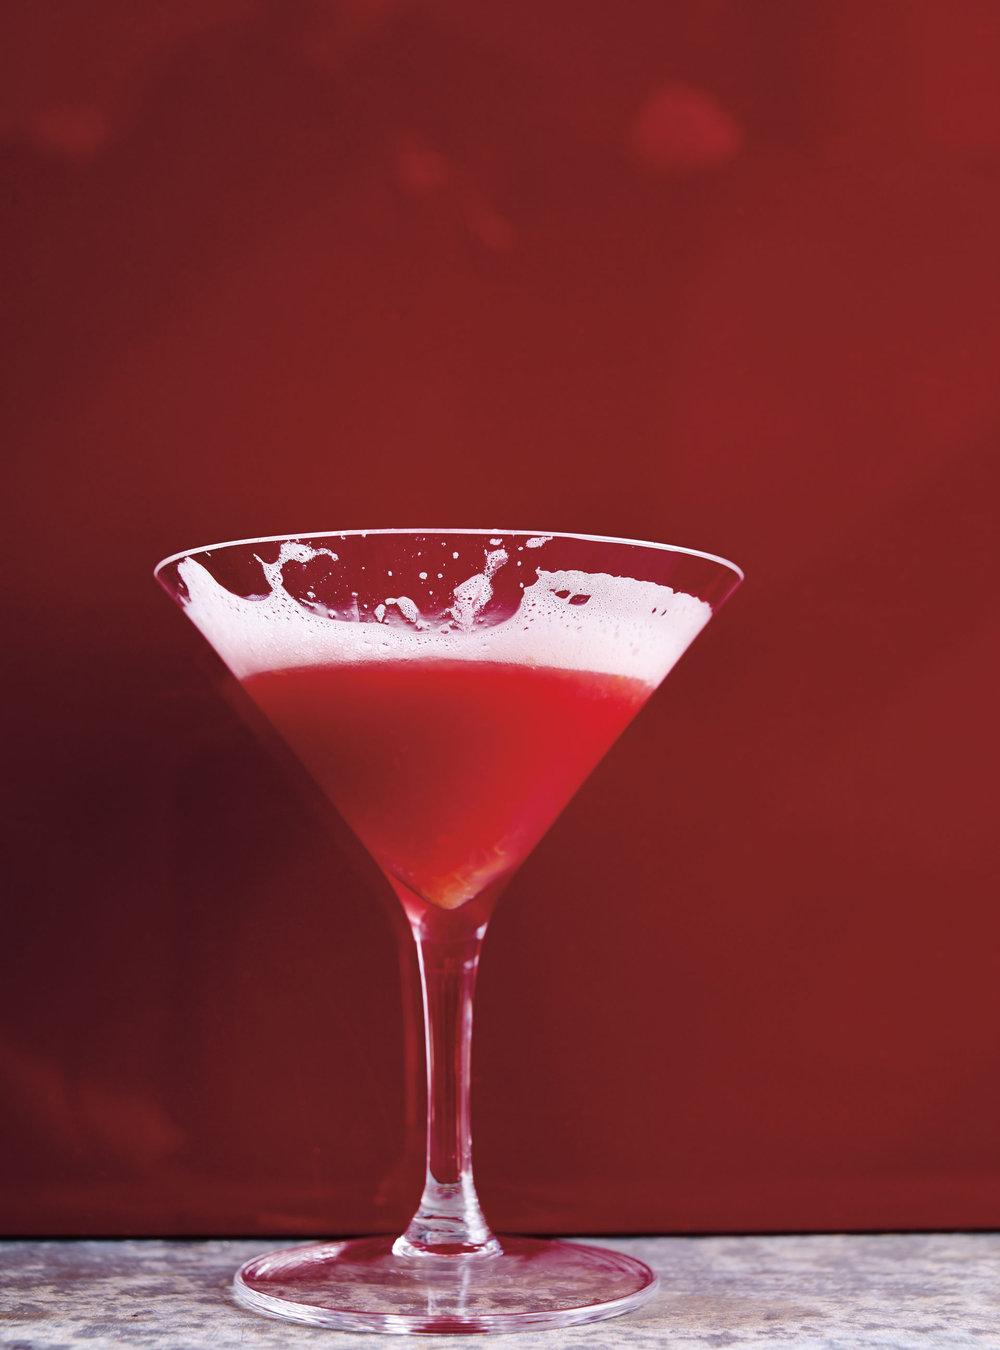 Cosmo orange sanguine et pamplemousse rose | ricardo